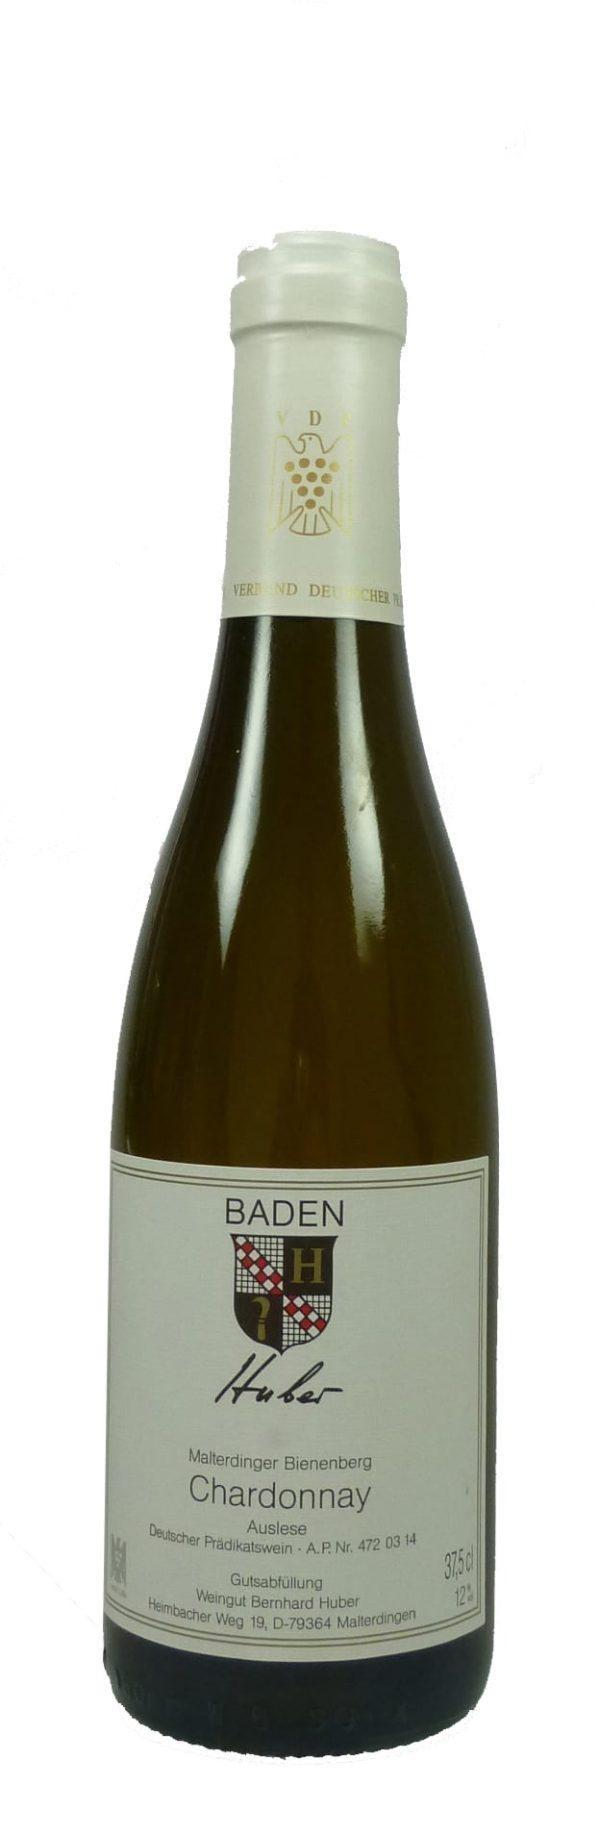 Malterdinger Bienenberg Chardonnay Auslese 2010